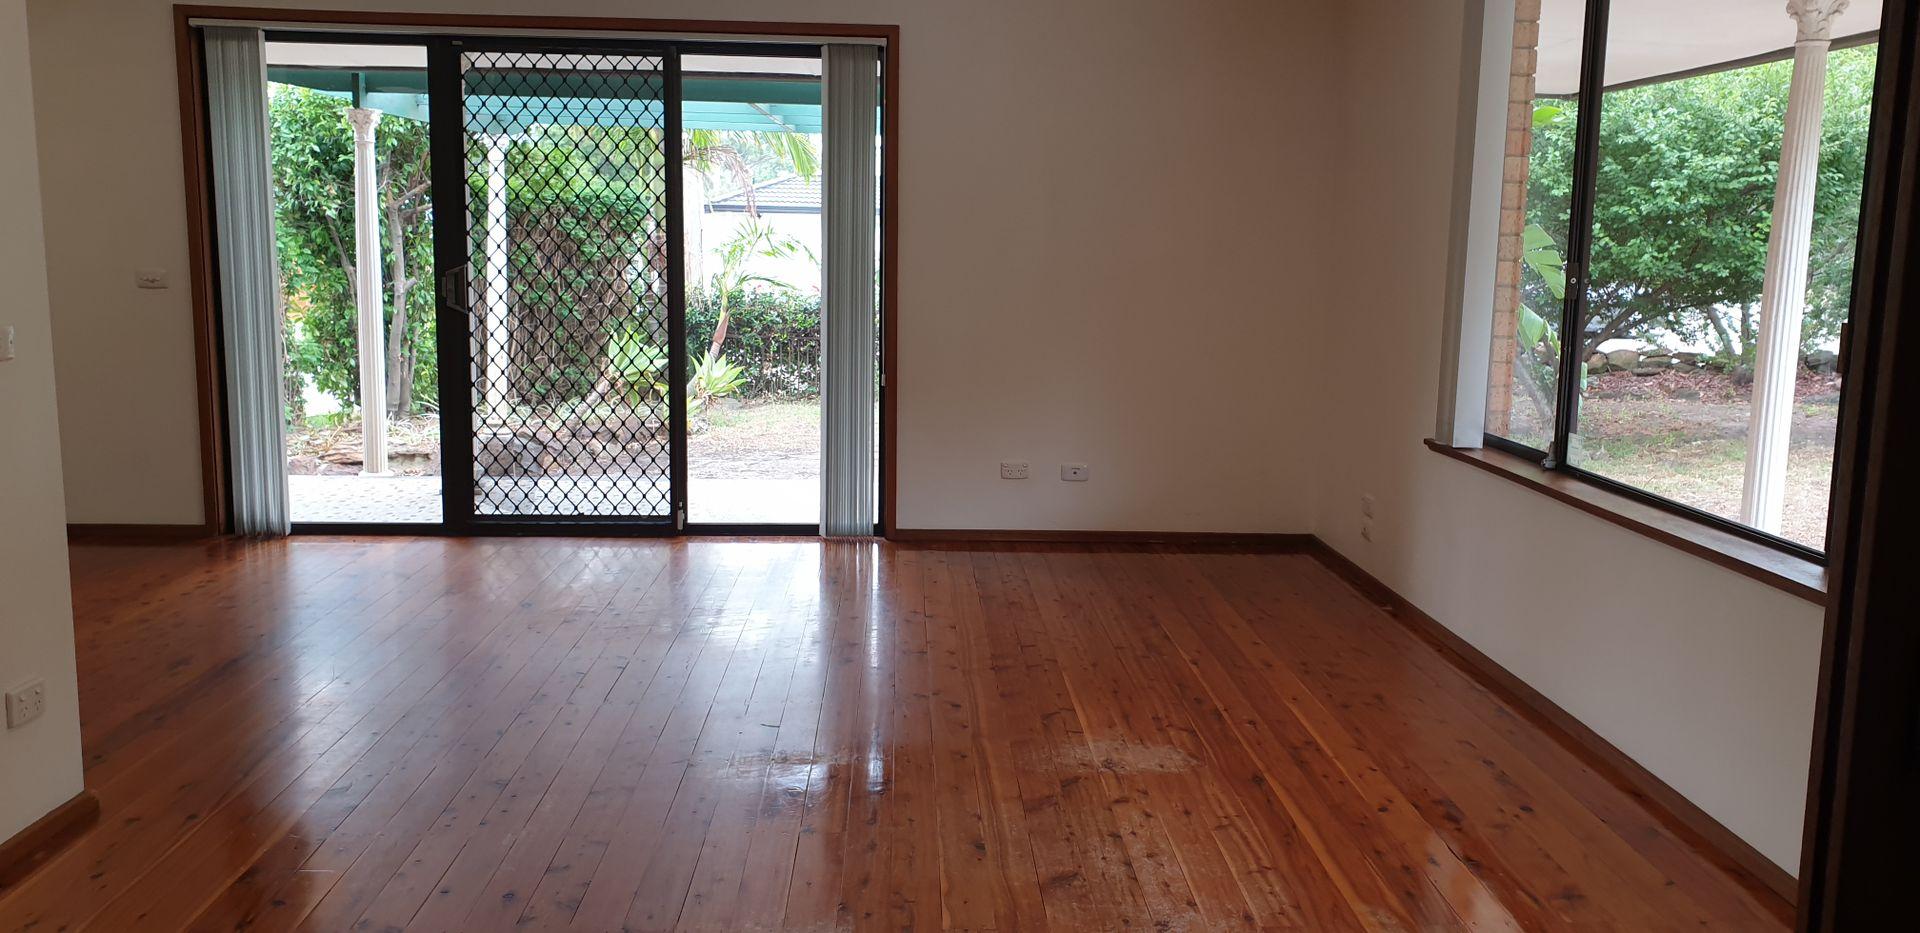 34 Hillview St, Woy Woy NSW 2256, Image 2